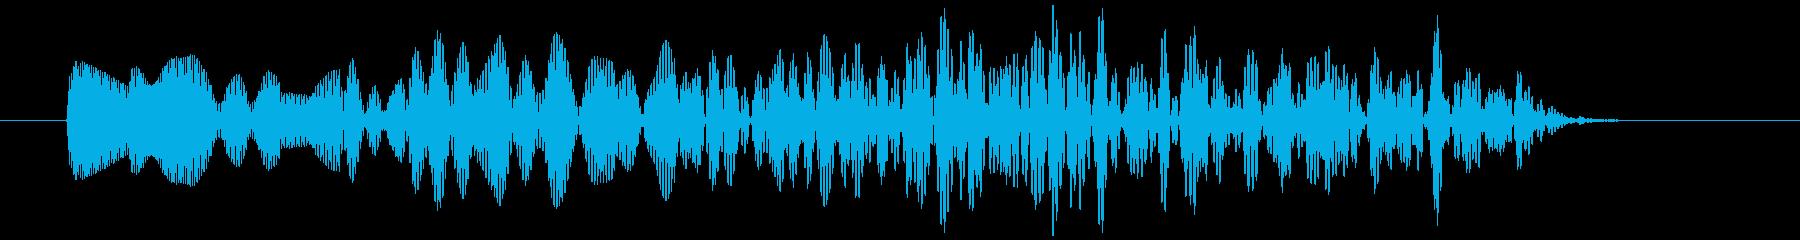 アナログFX 5の再生済みの波形